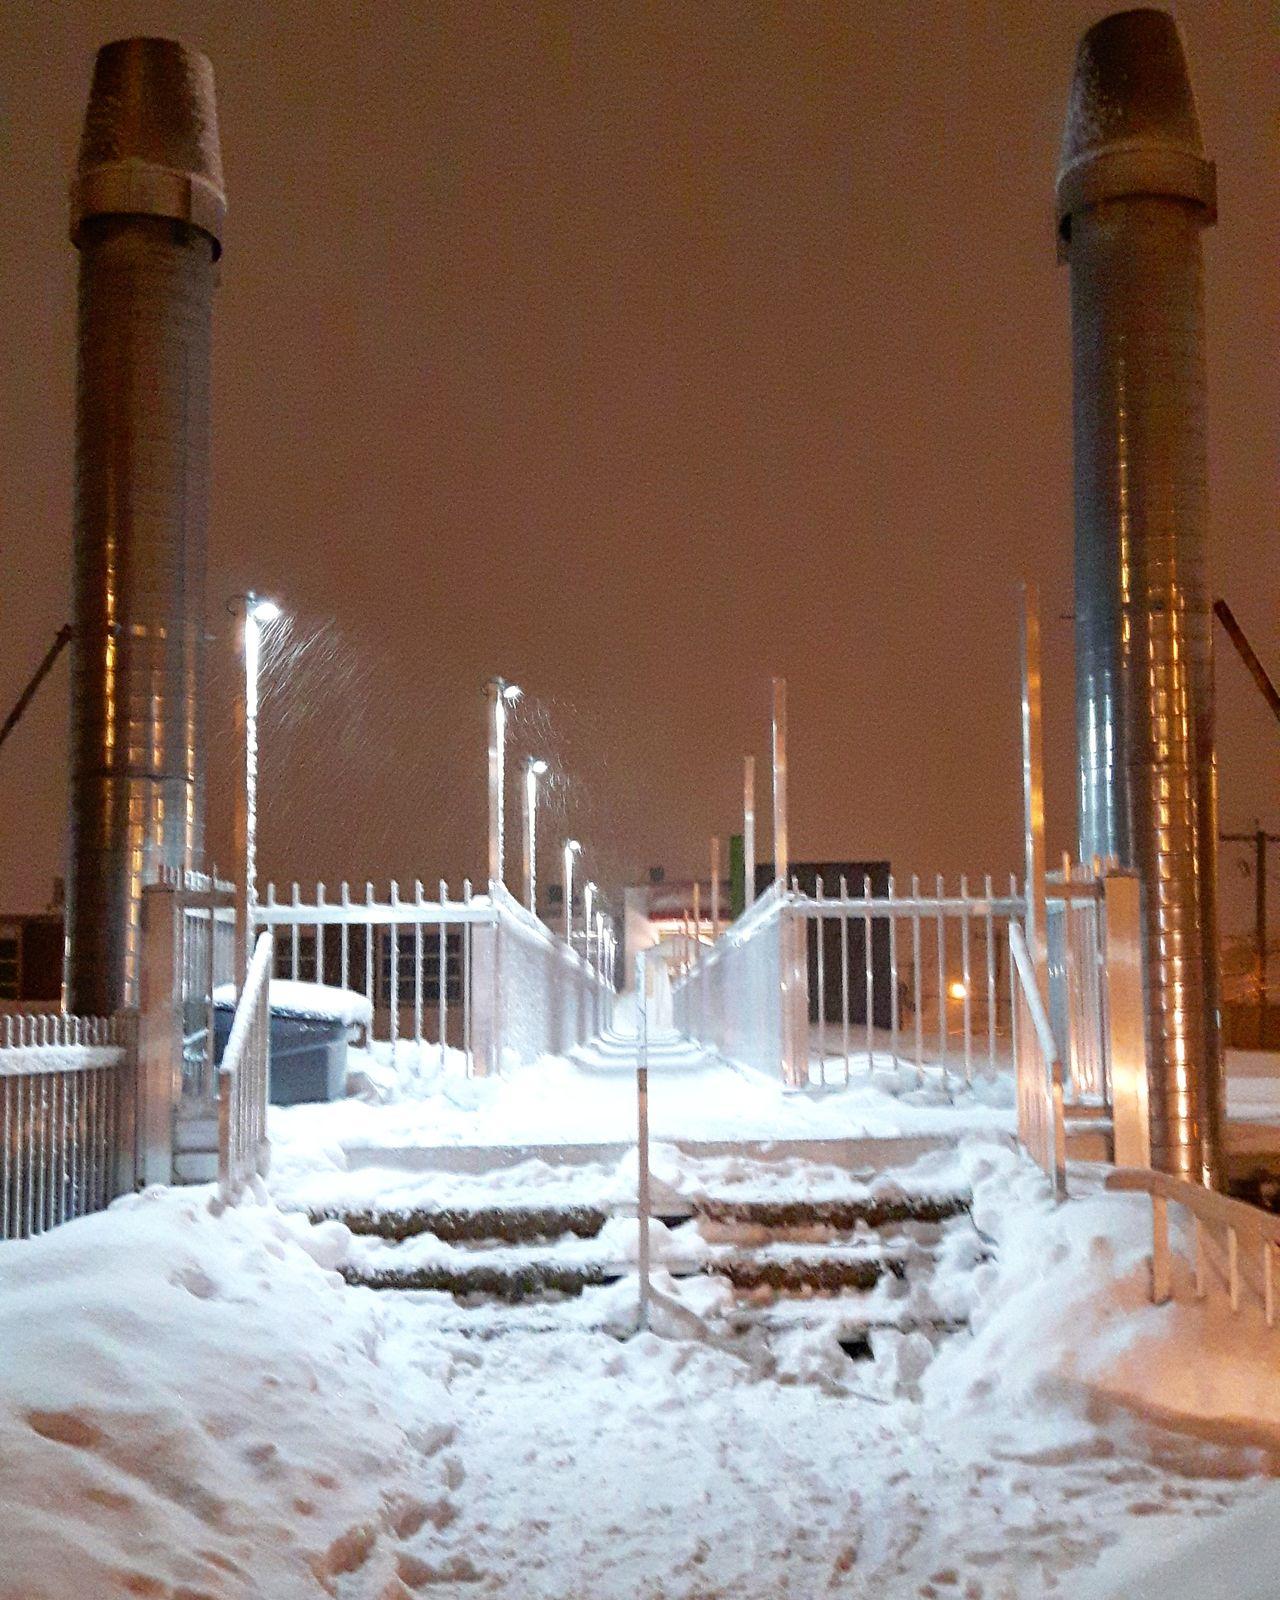 Snow Winter Cold Temperature Snowing Outdoors The City Light Quebec Canton De L'Est Winter Frozen No People Quebec Province Granby Esmondmills Minimalist Architecture